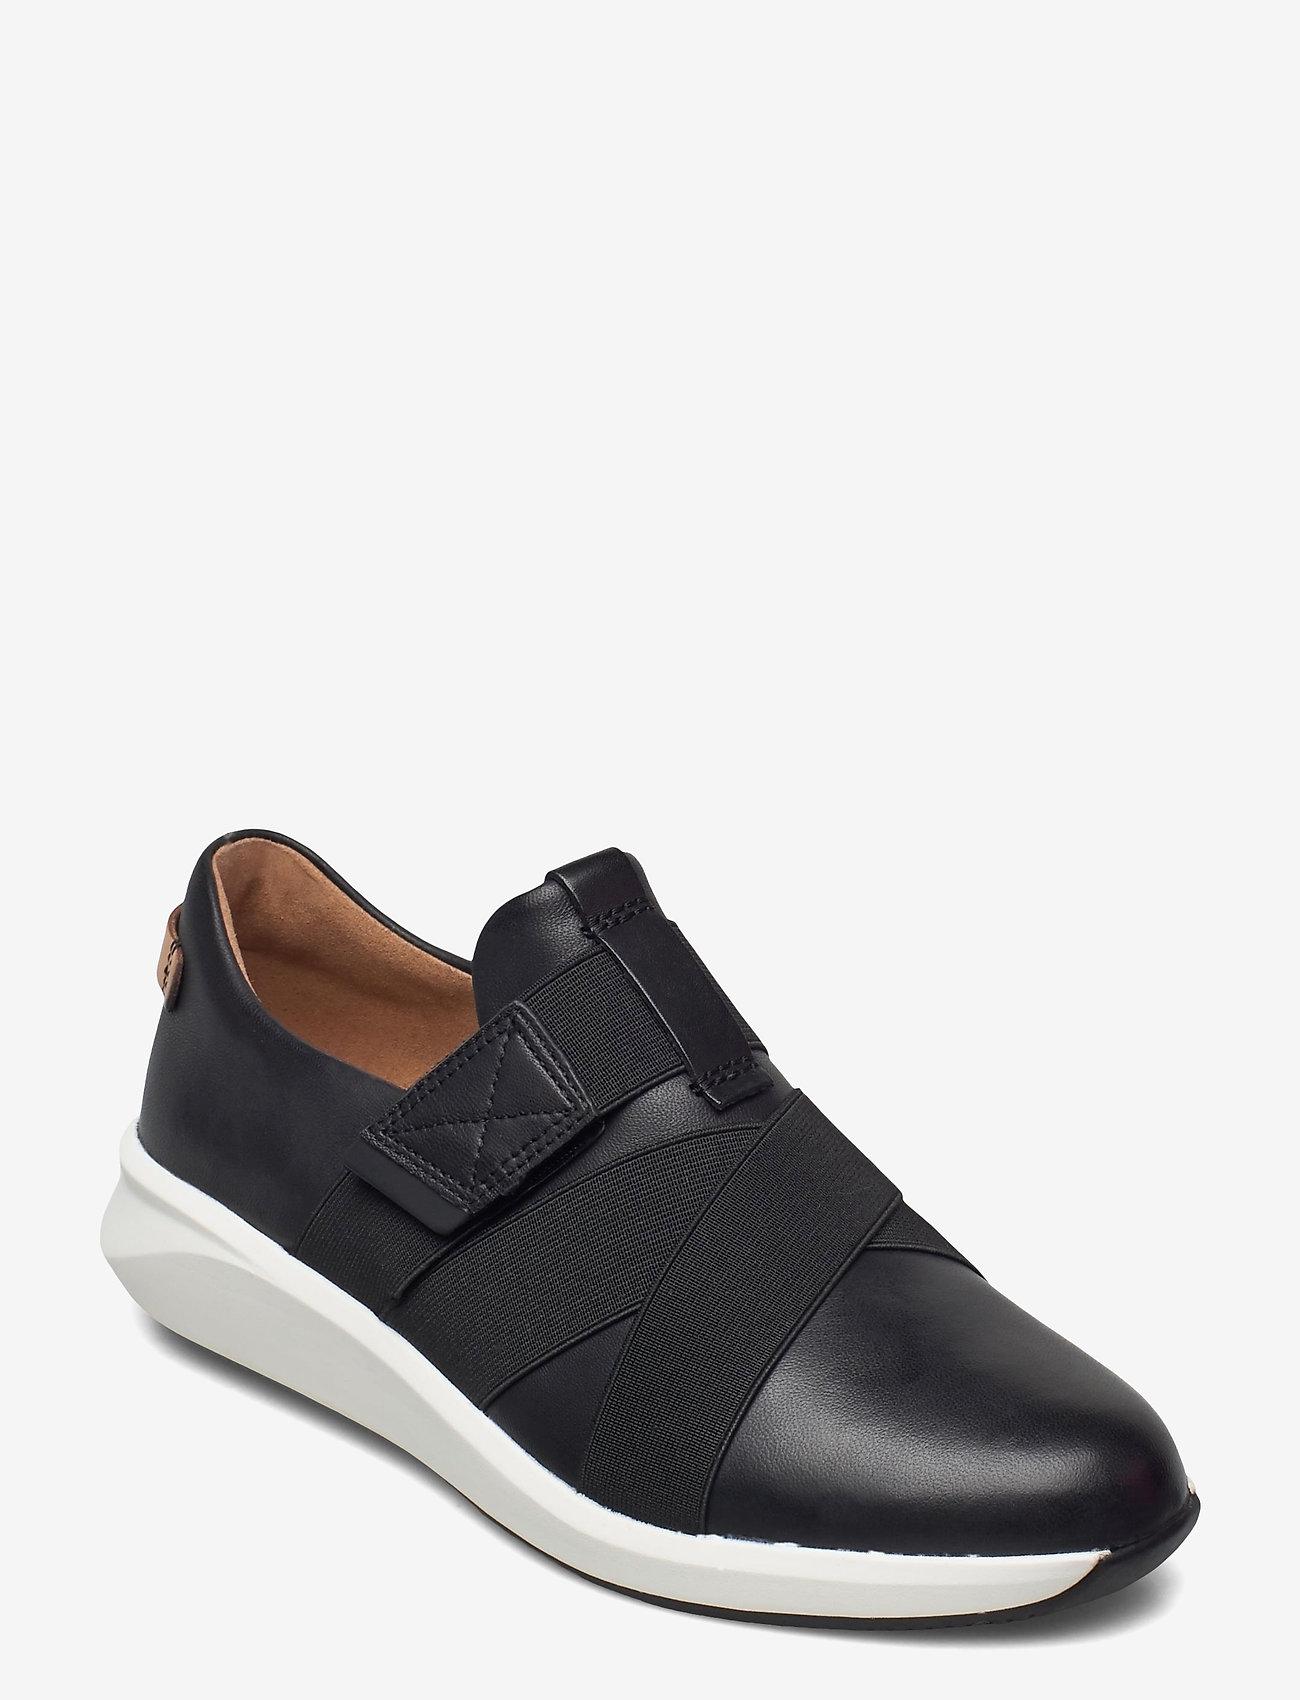 Clarks - Un Rio Strap - slip-on sneakers - black leather - 0